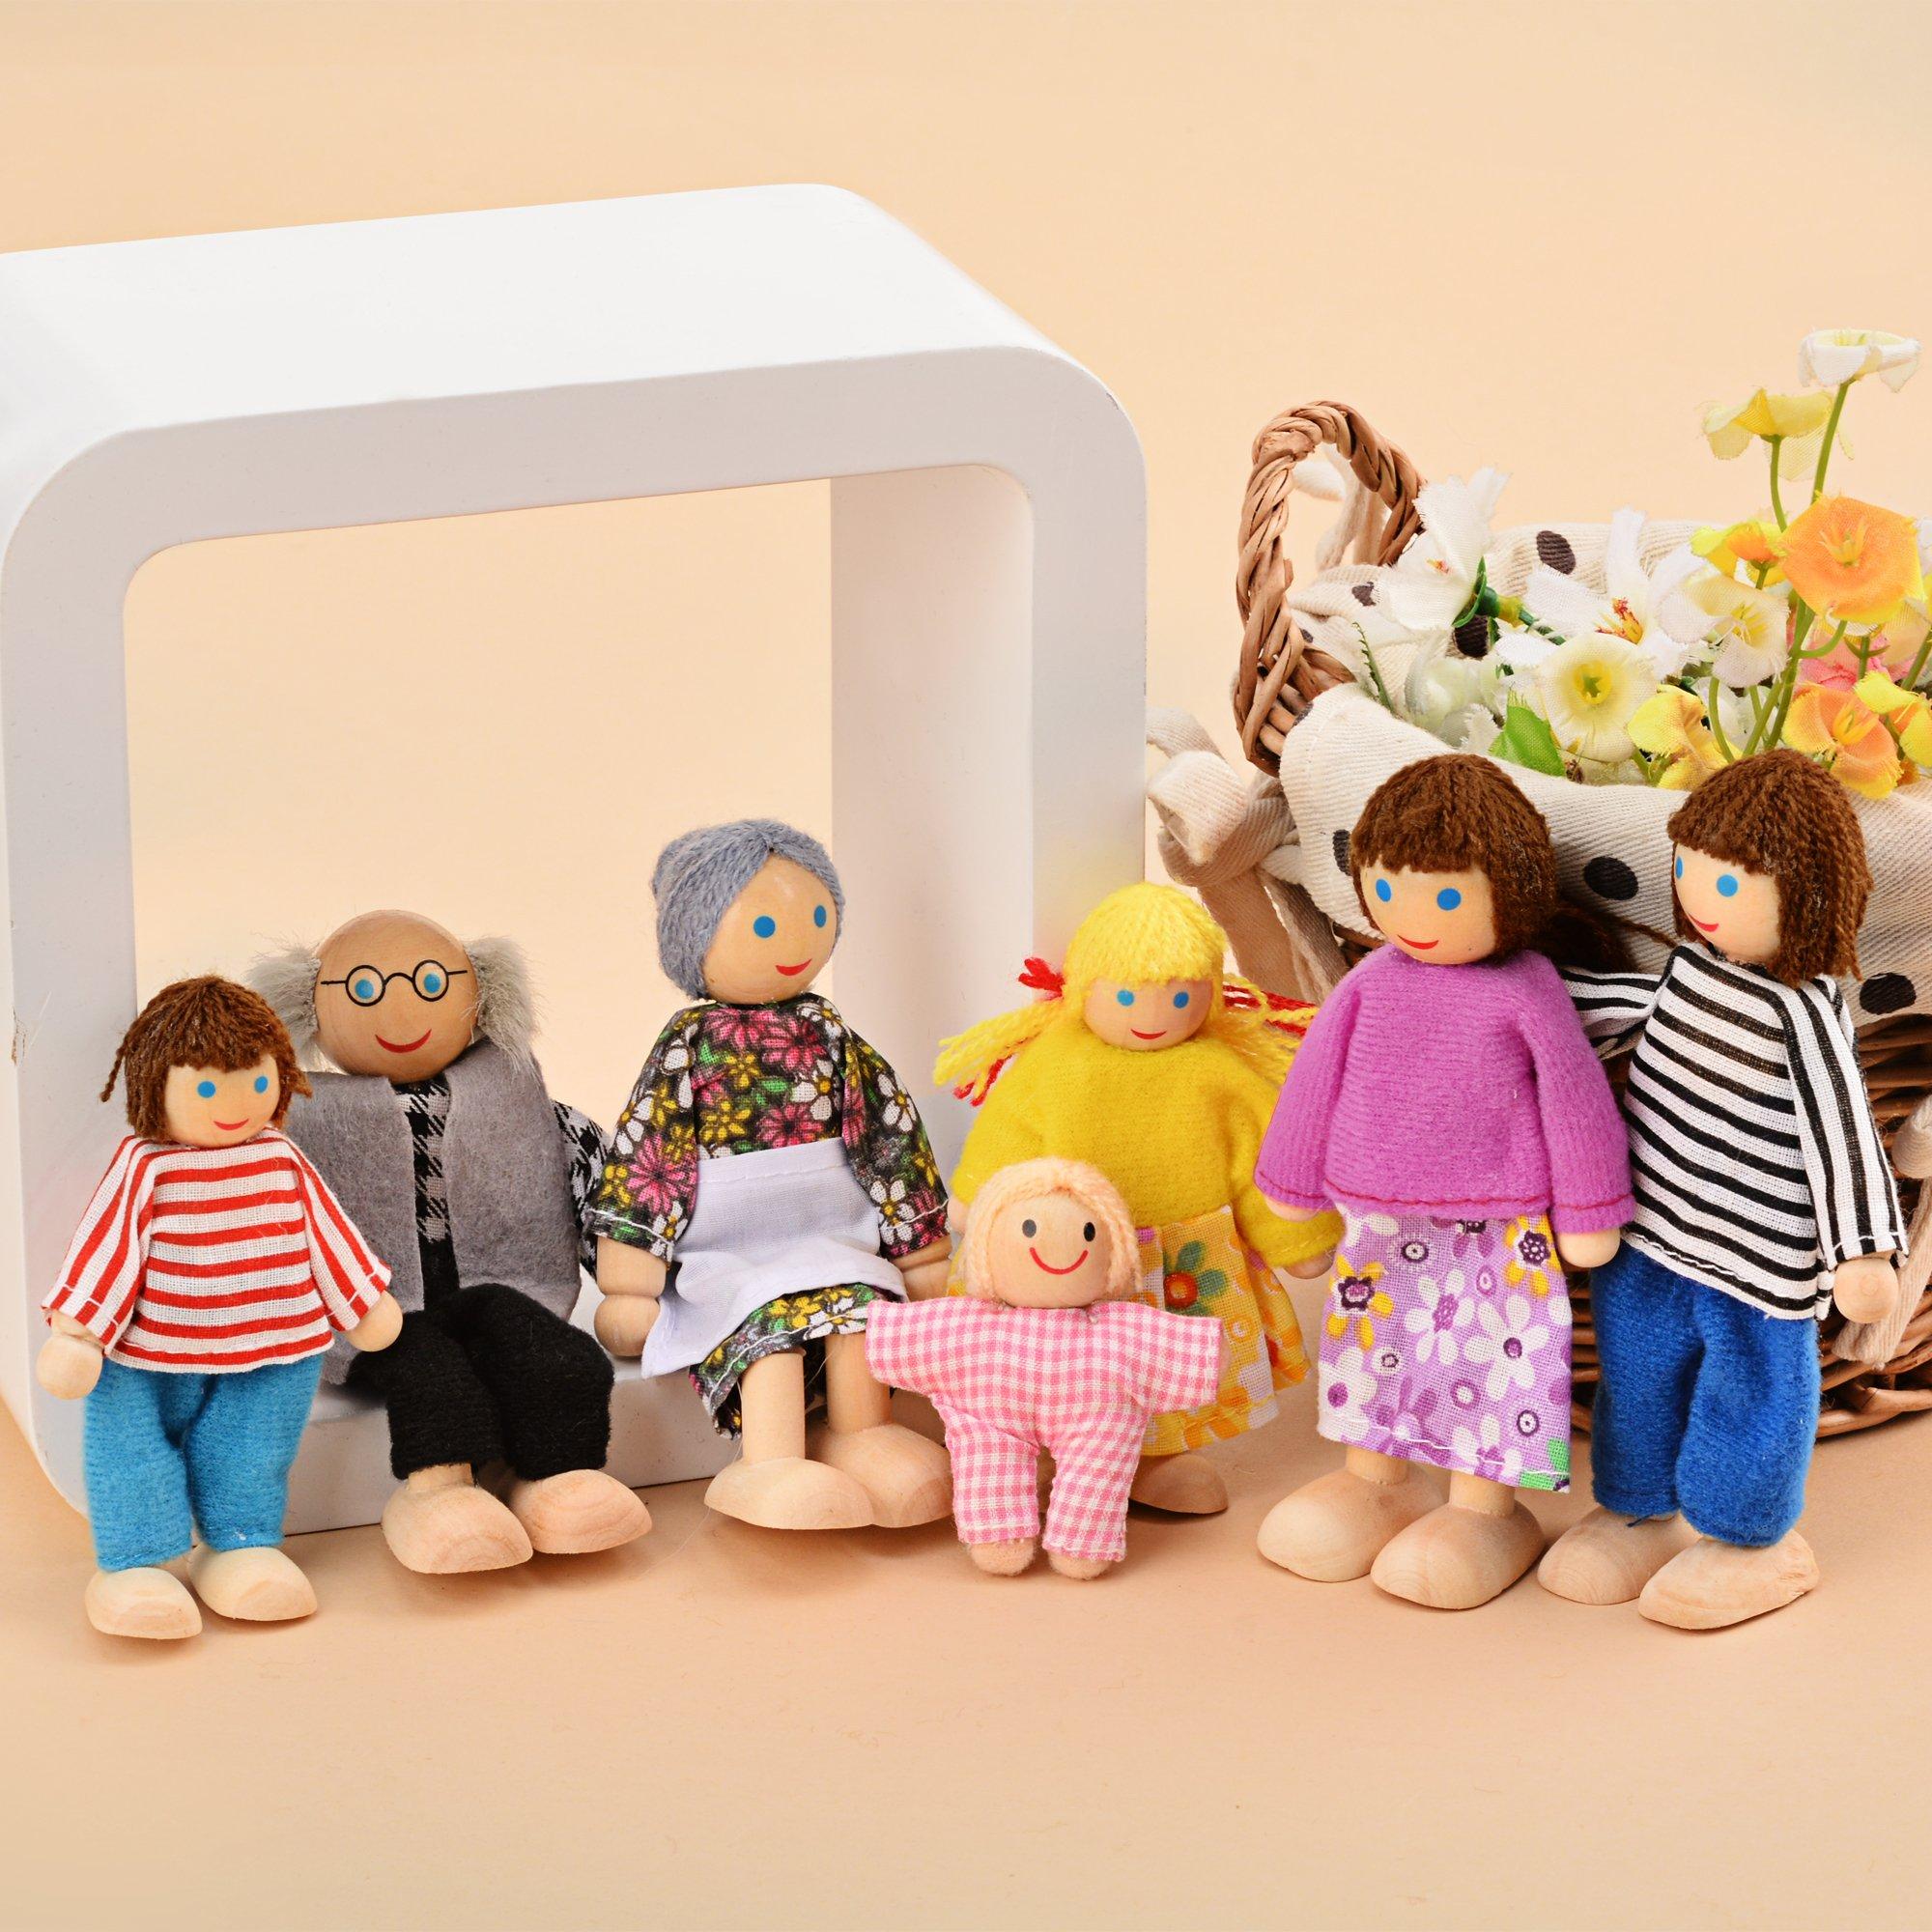 Arshiner Muñecas de Familia con Muebles de Casa de Conjunto de Juguetes